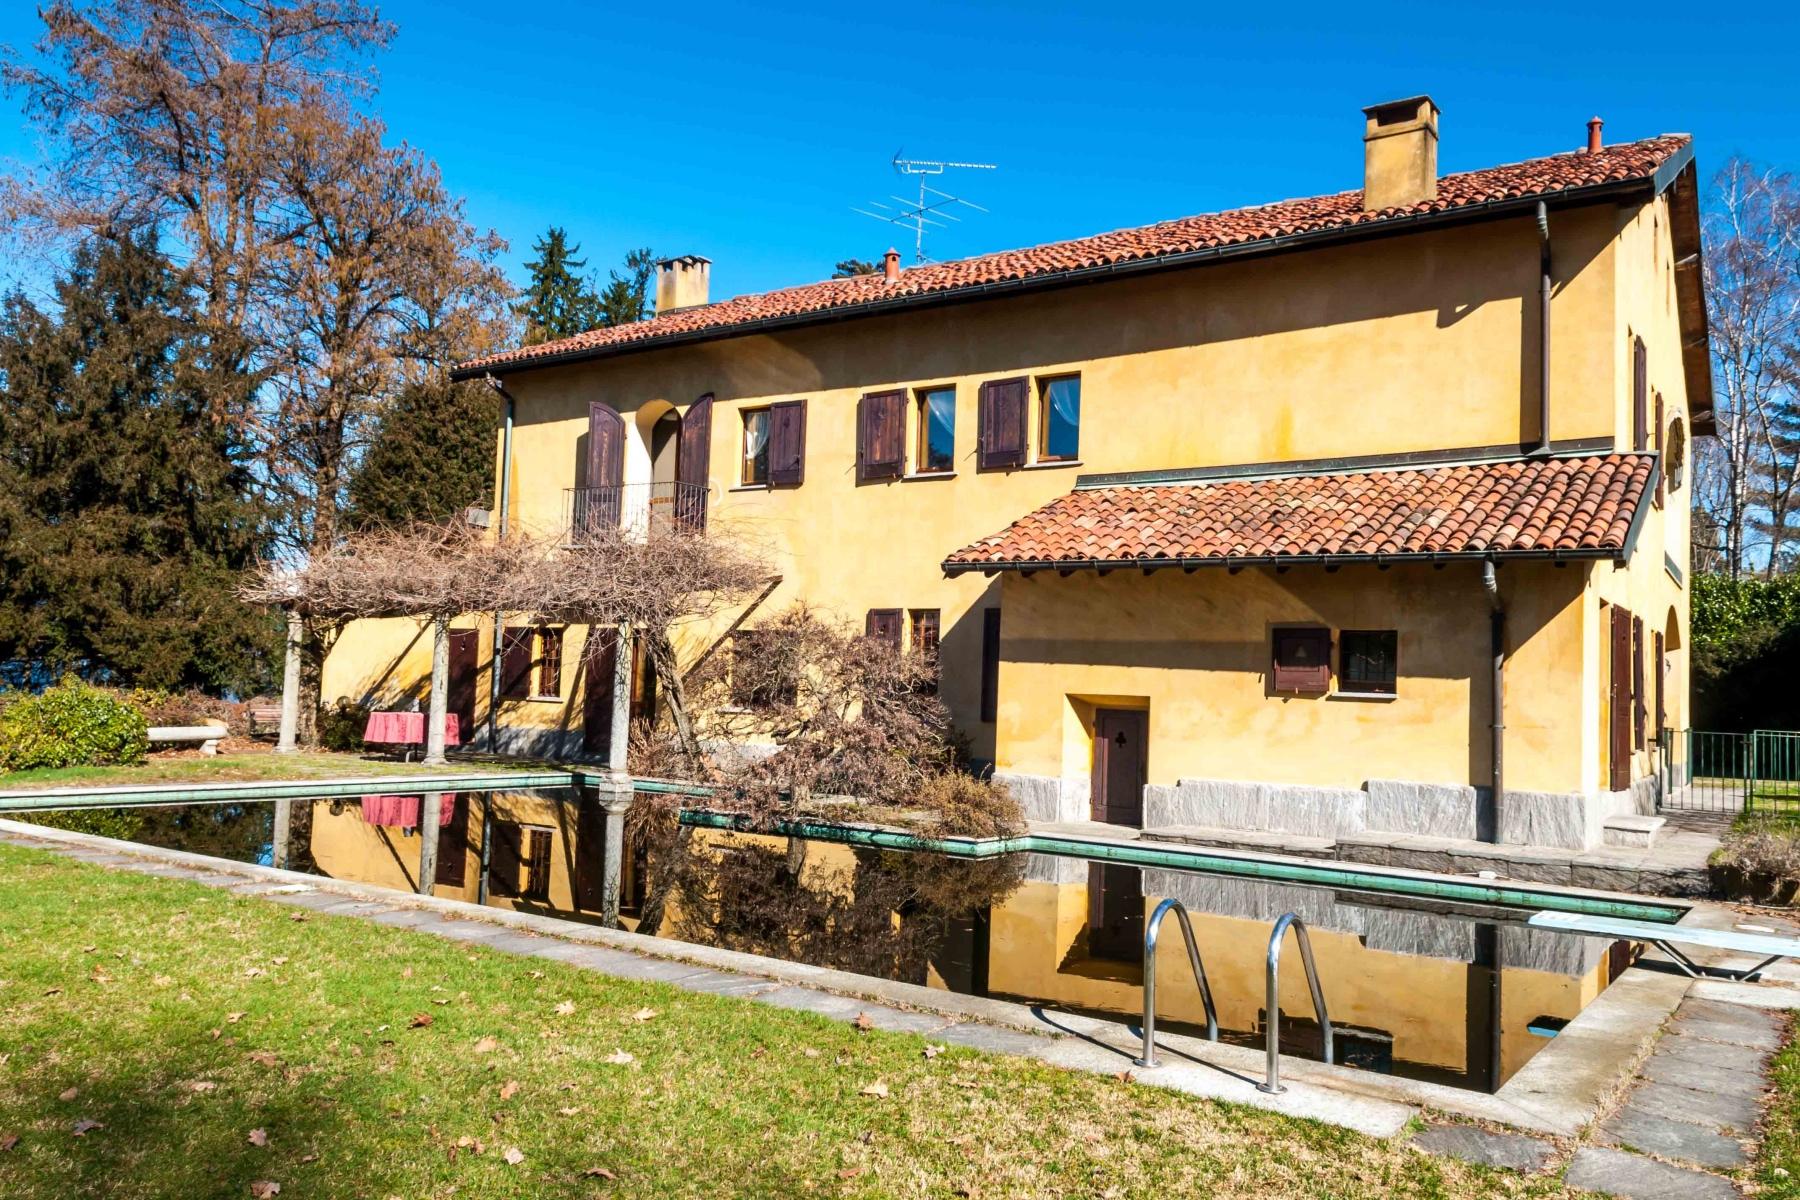 Villa in Vendita a Ispra via luigi cadorna